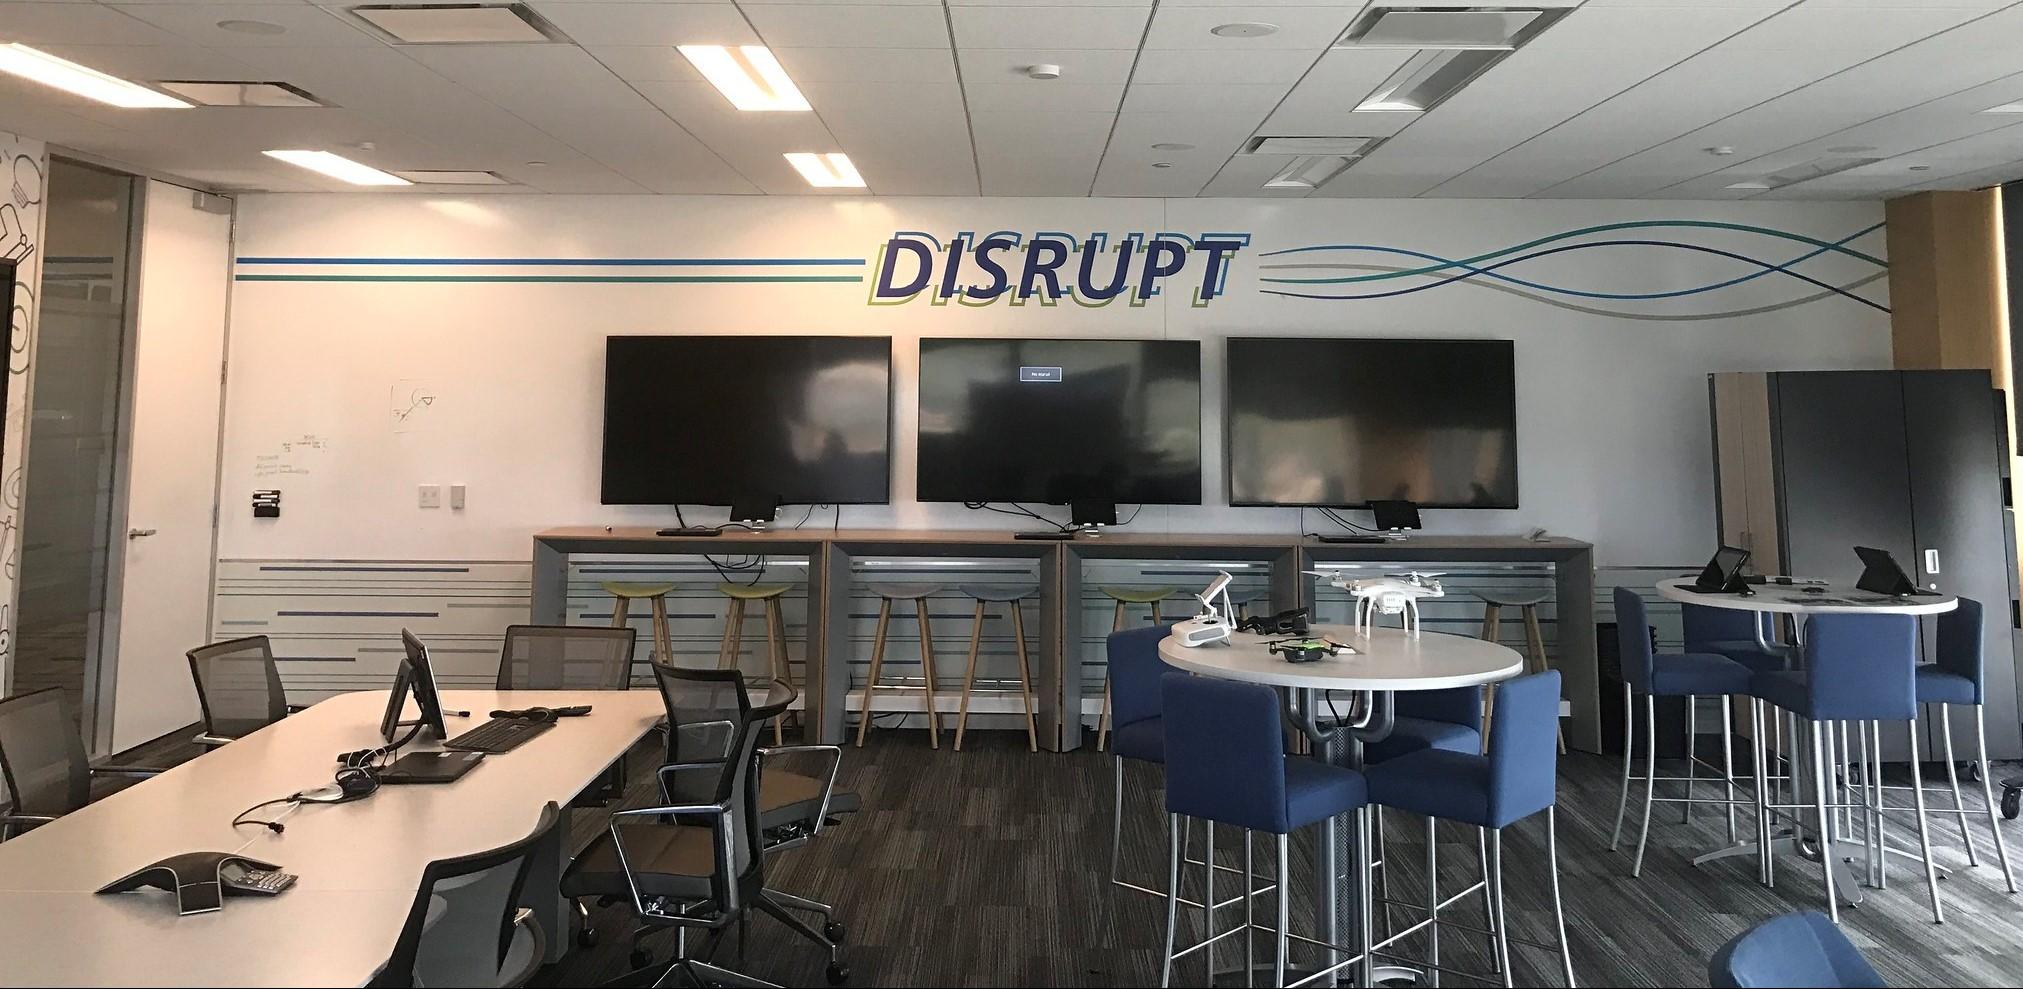 Disrupt Wall Sign